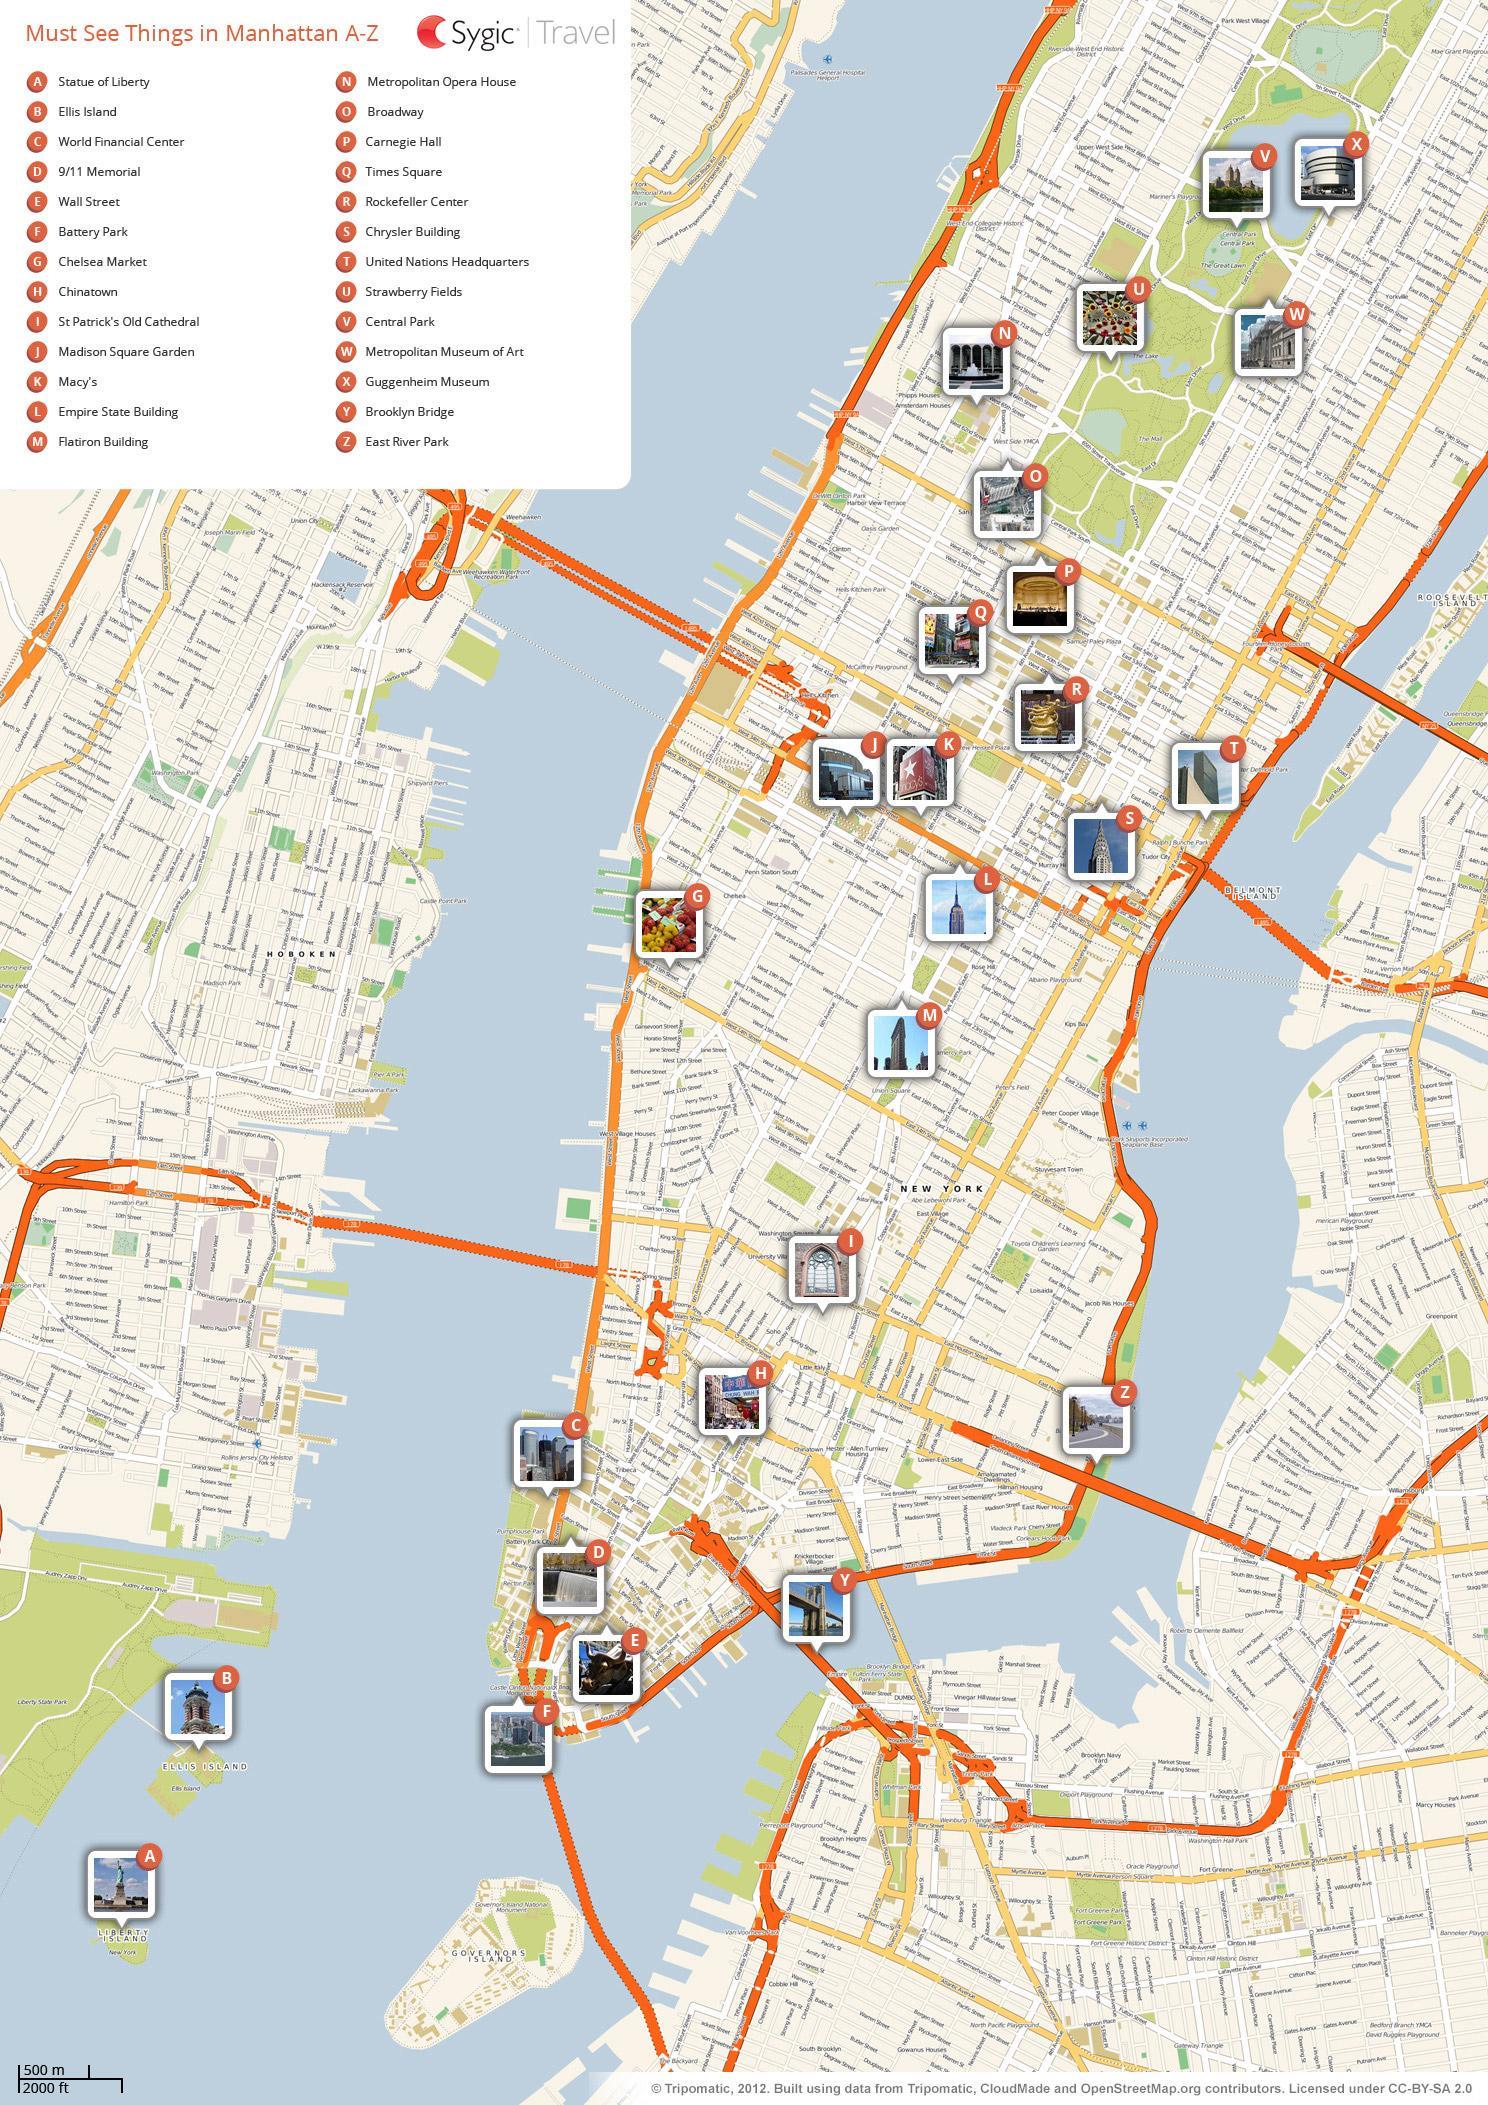 nyc mapa con puntos de referencia